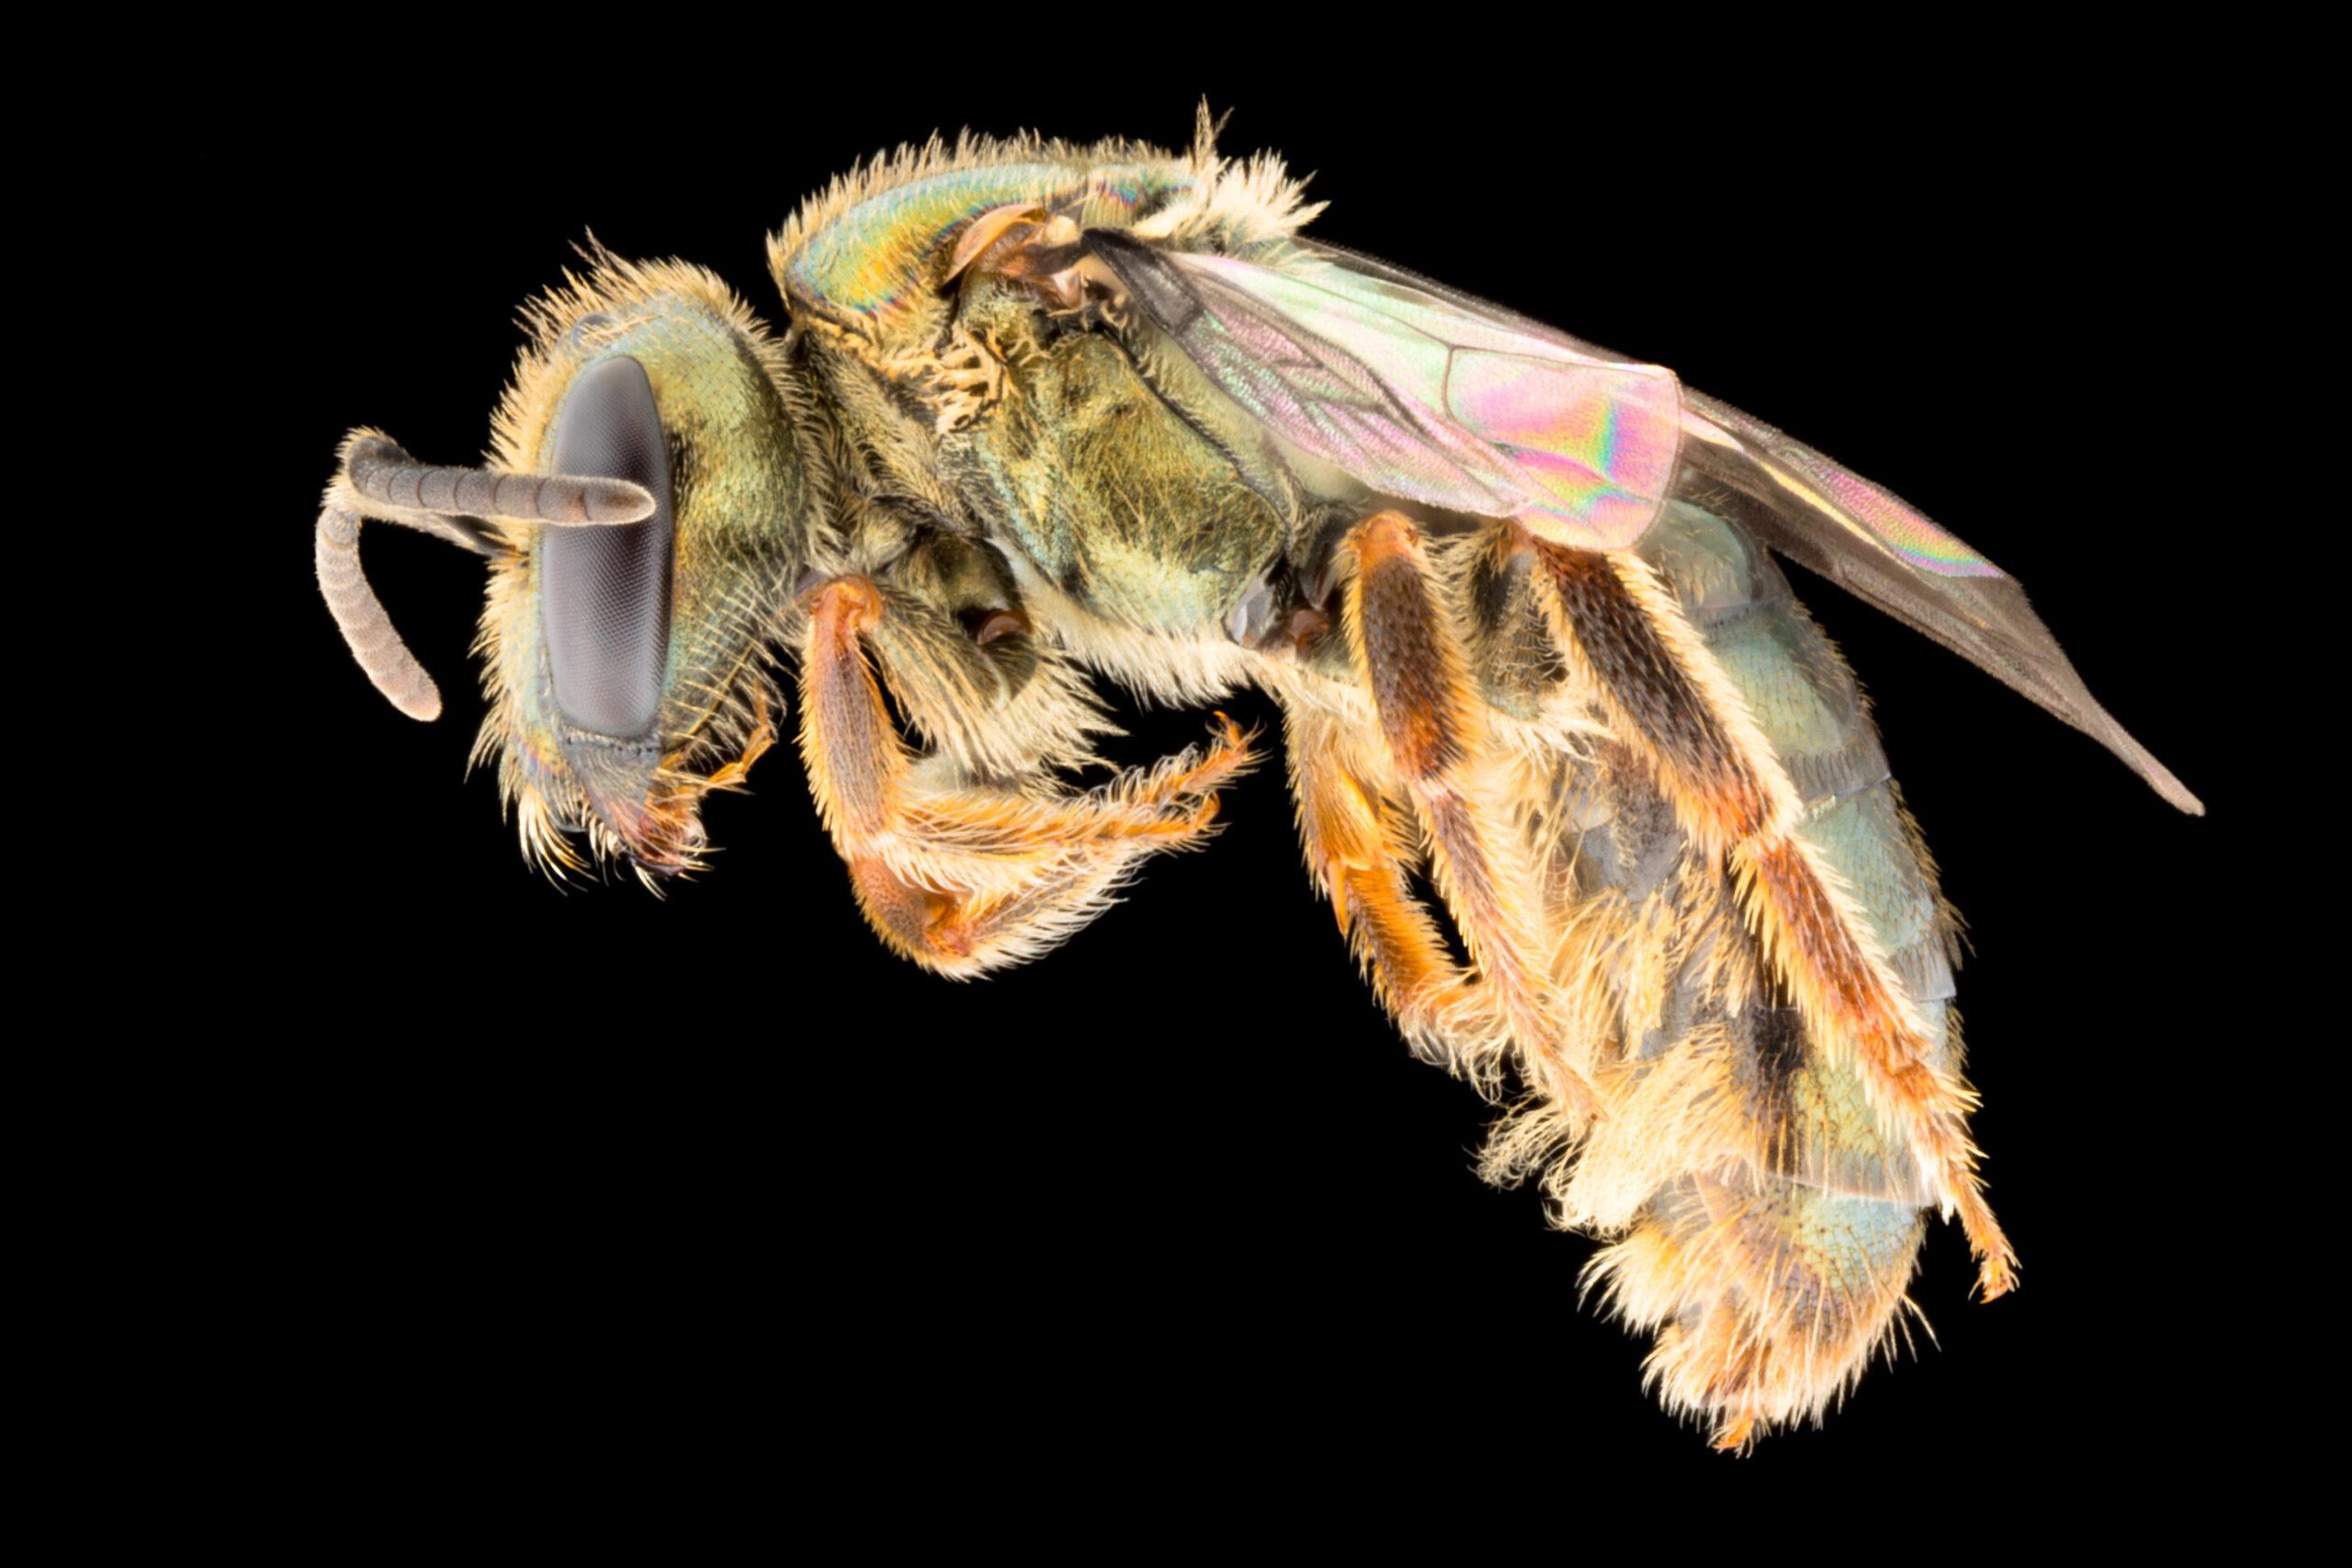 Энтомологи обнаружили вид, который выиграл от разрушительной деятельности человека.Вокруг Света. Украина